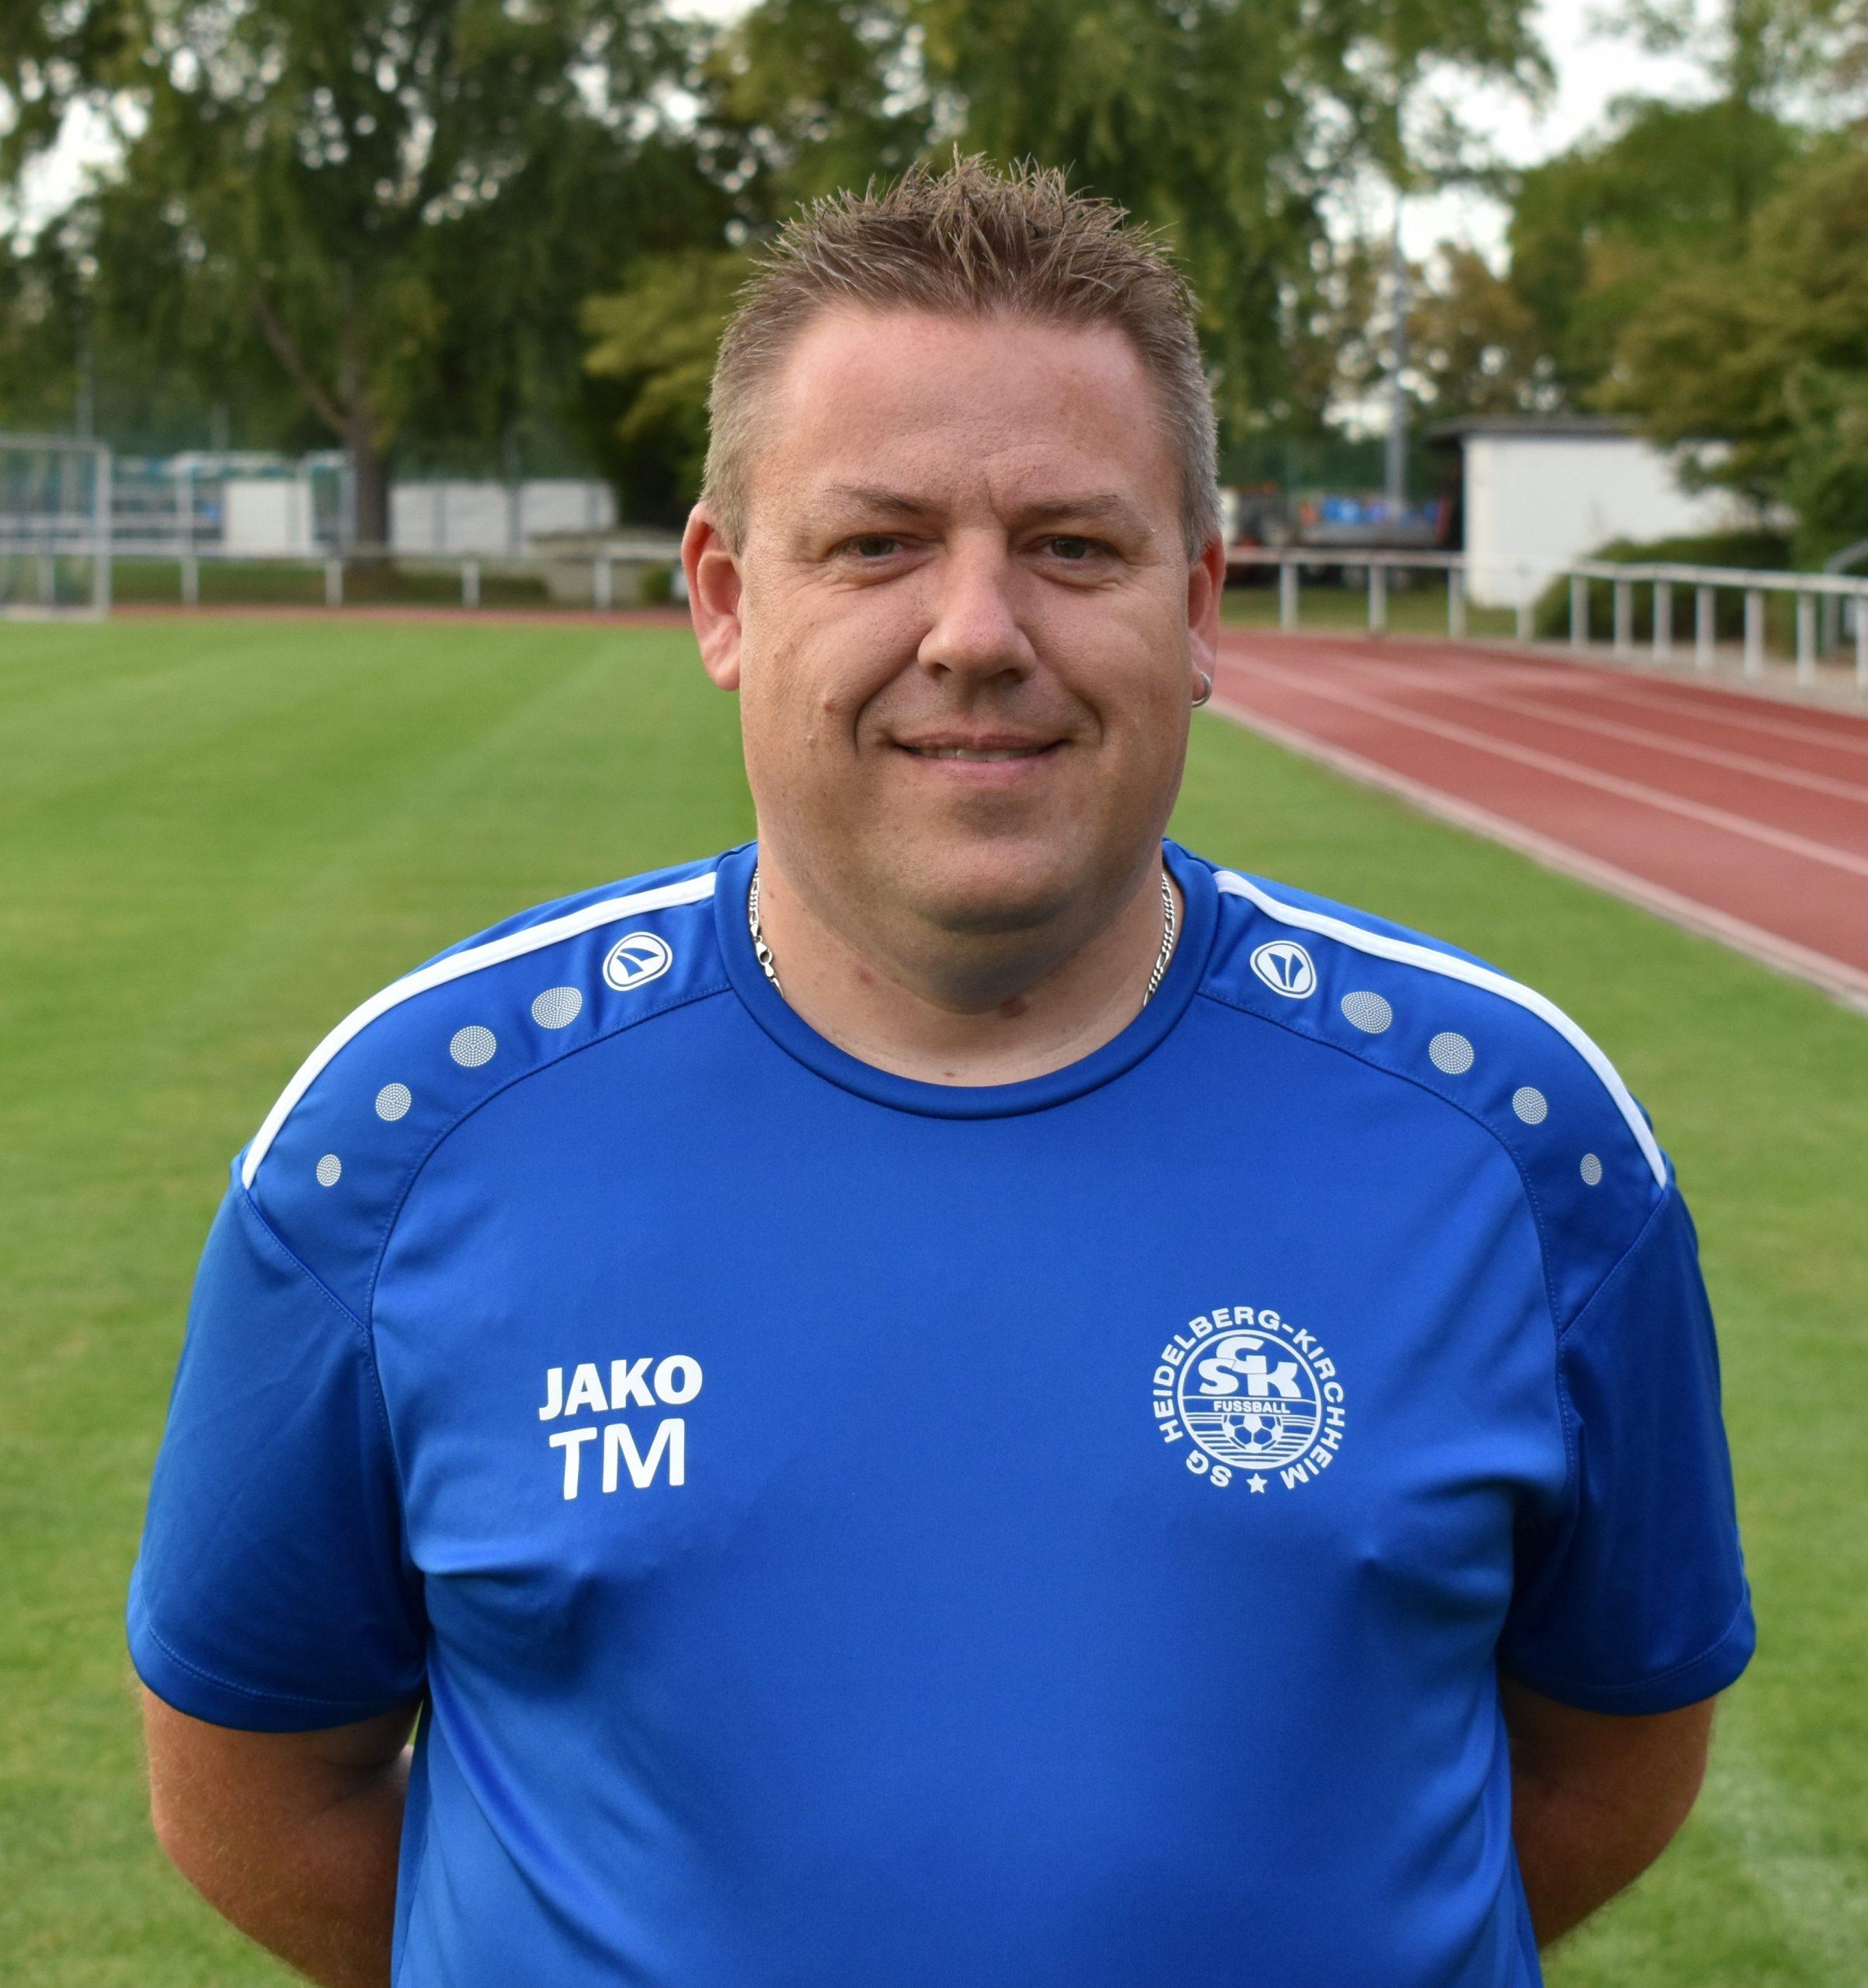 Thorsten Maas